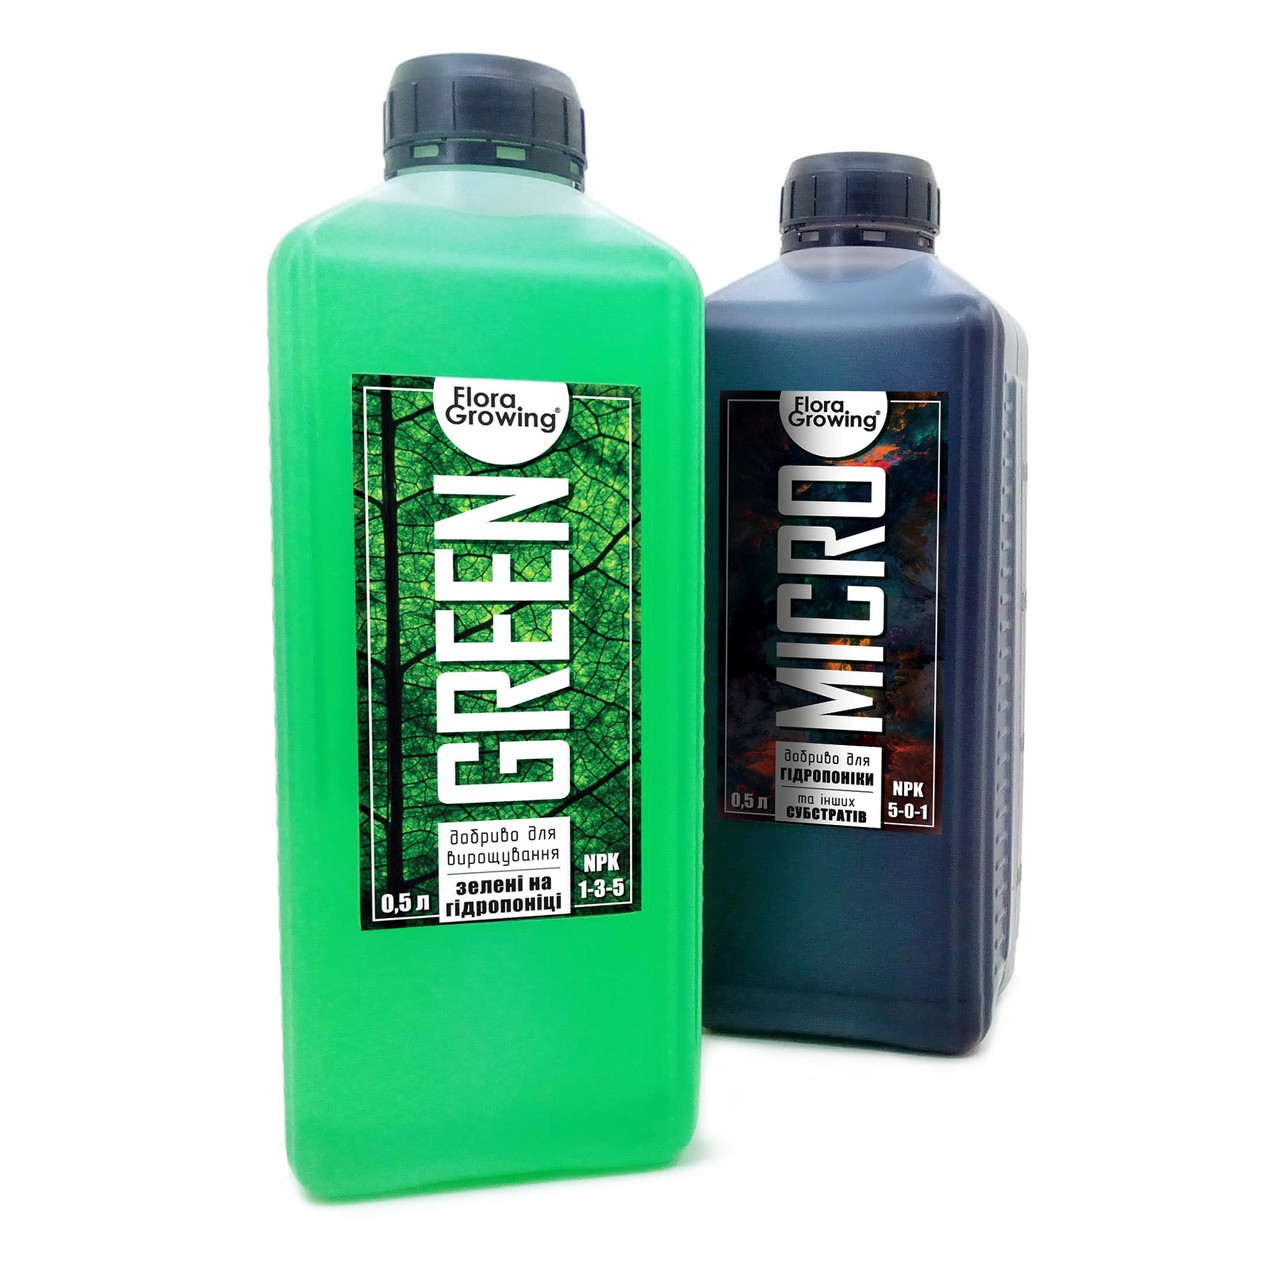 2 х 1 л Green Kit набор удобрений для гидропоники и почвы